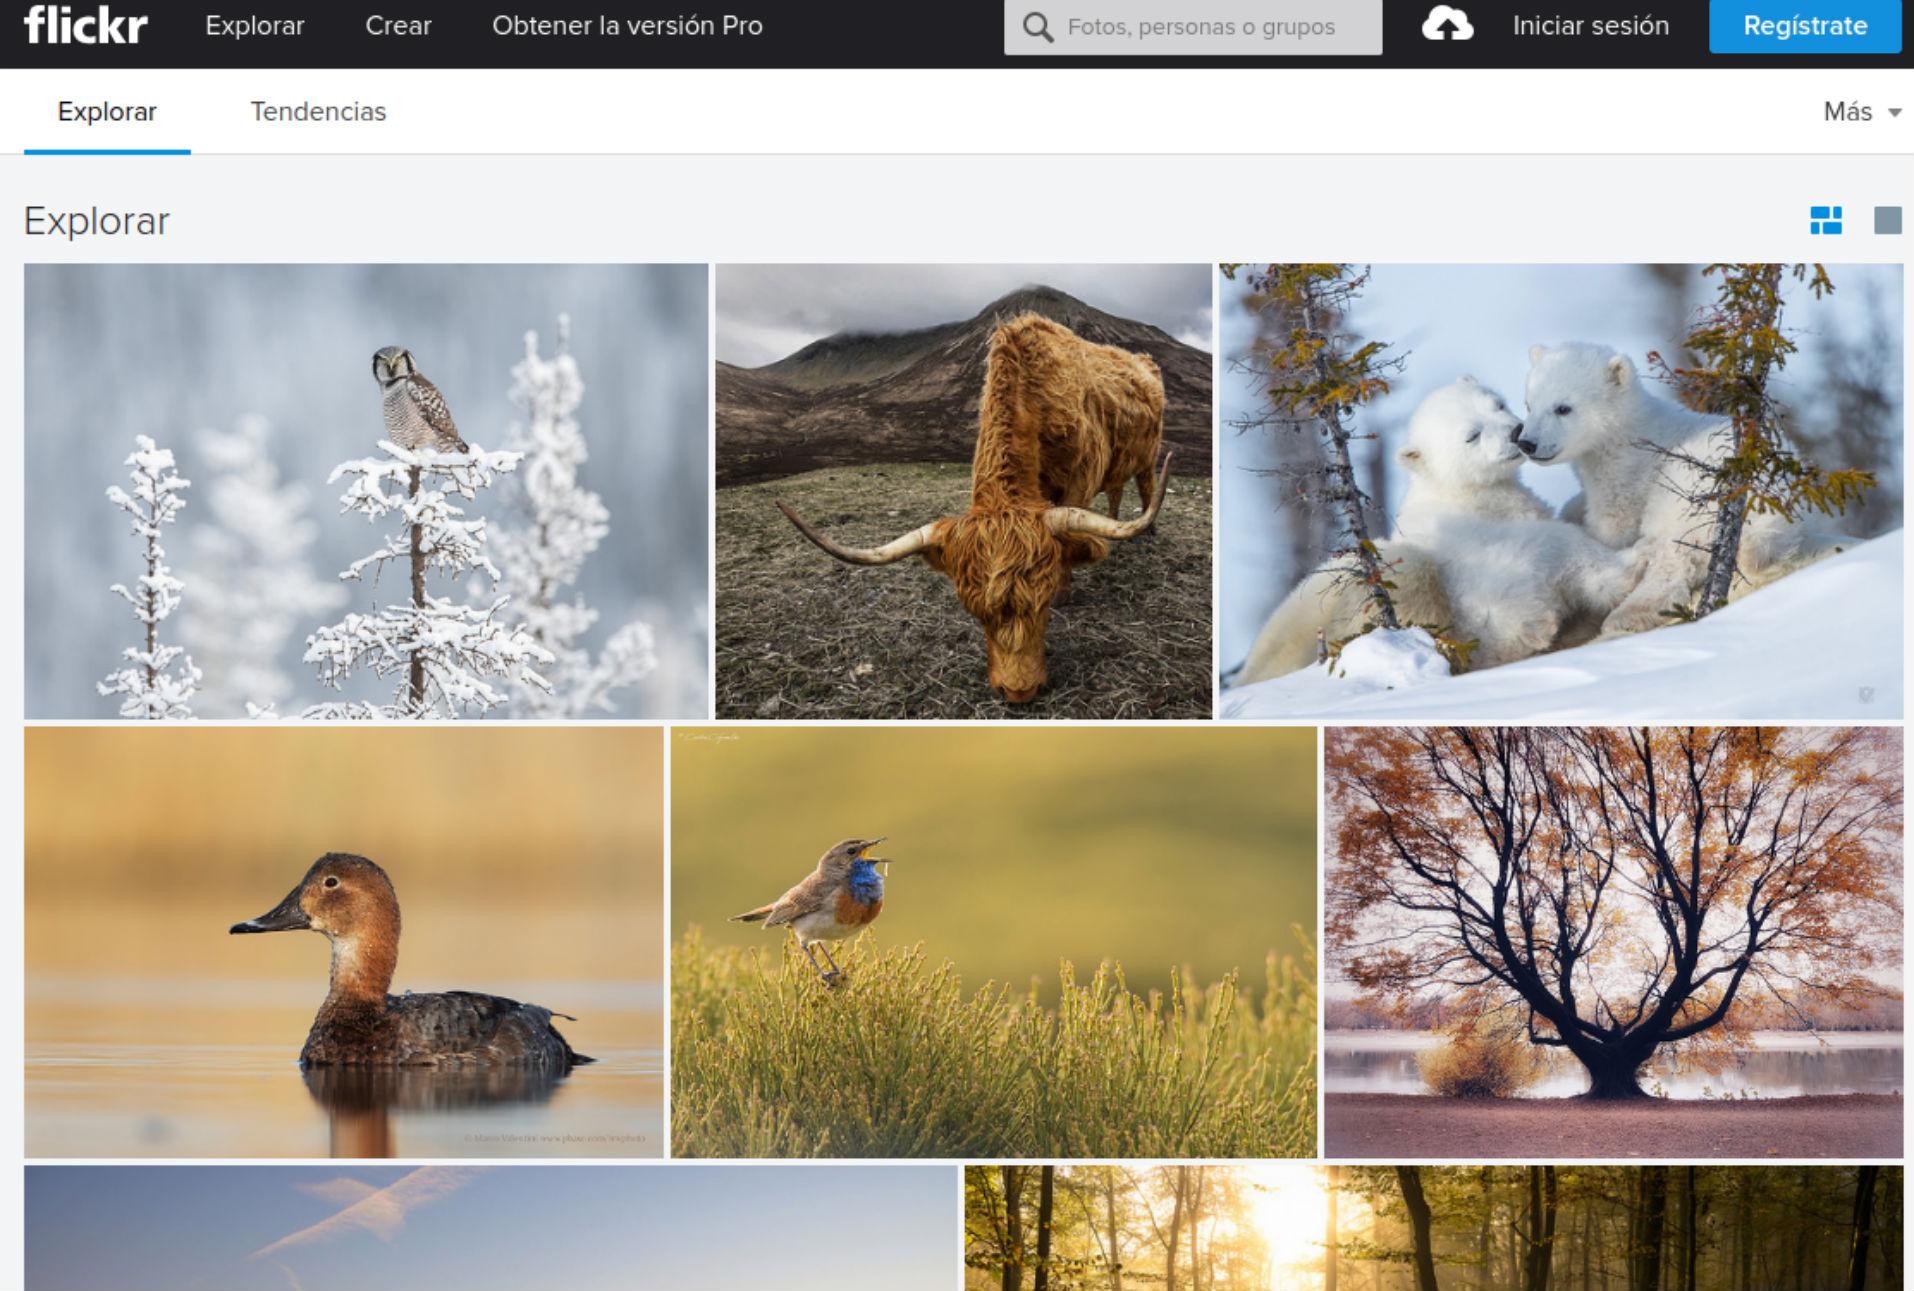 Cambios en Flickr amenazan acervo de millones de fotografías libres